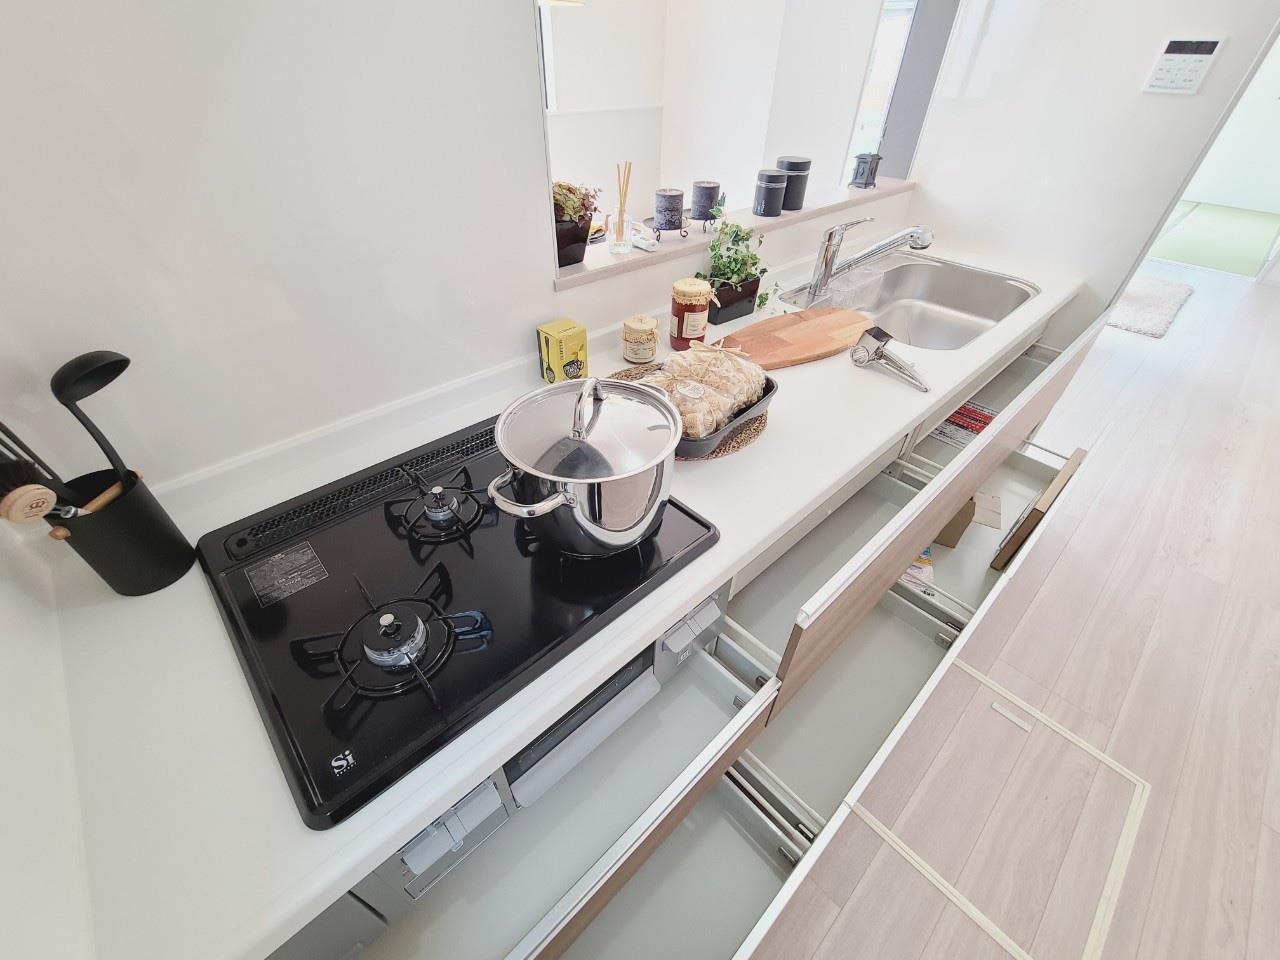 キッチン*キッチン/全スライド式収納♪お皿や鍋の出し入れもラクラク(^^)☆